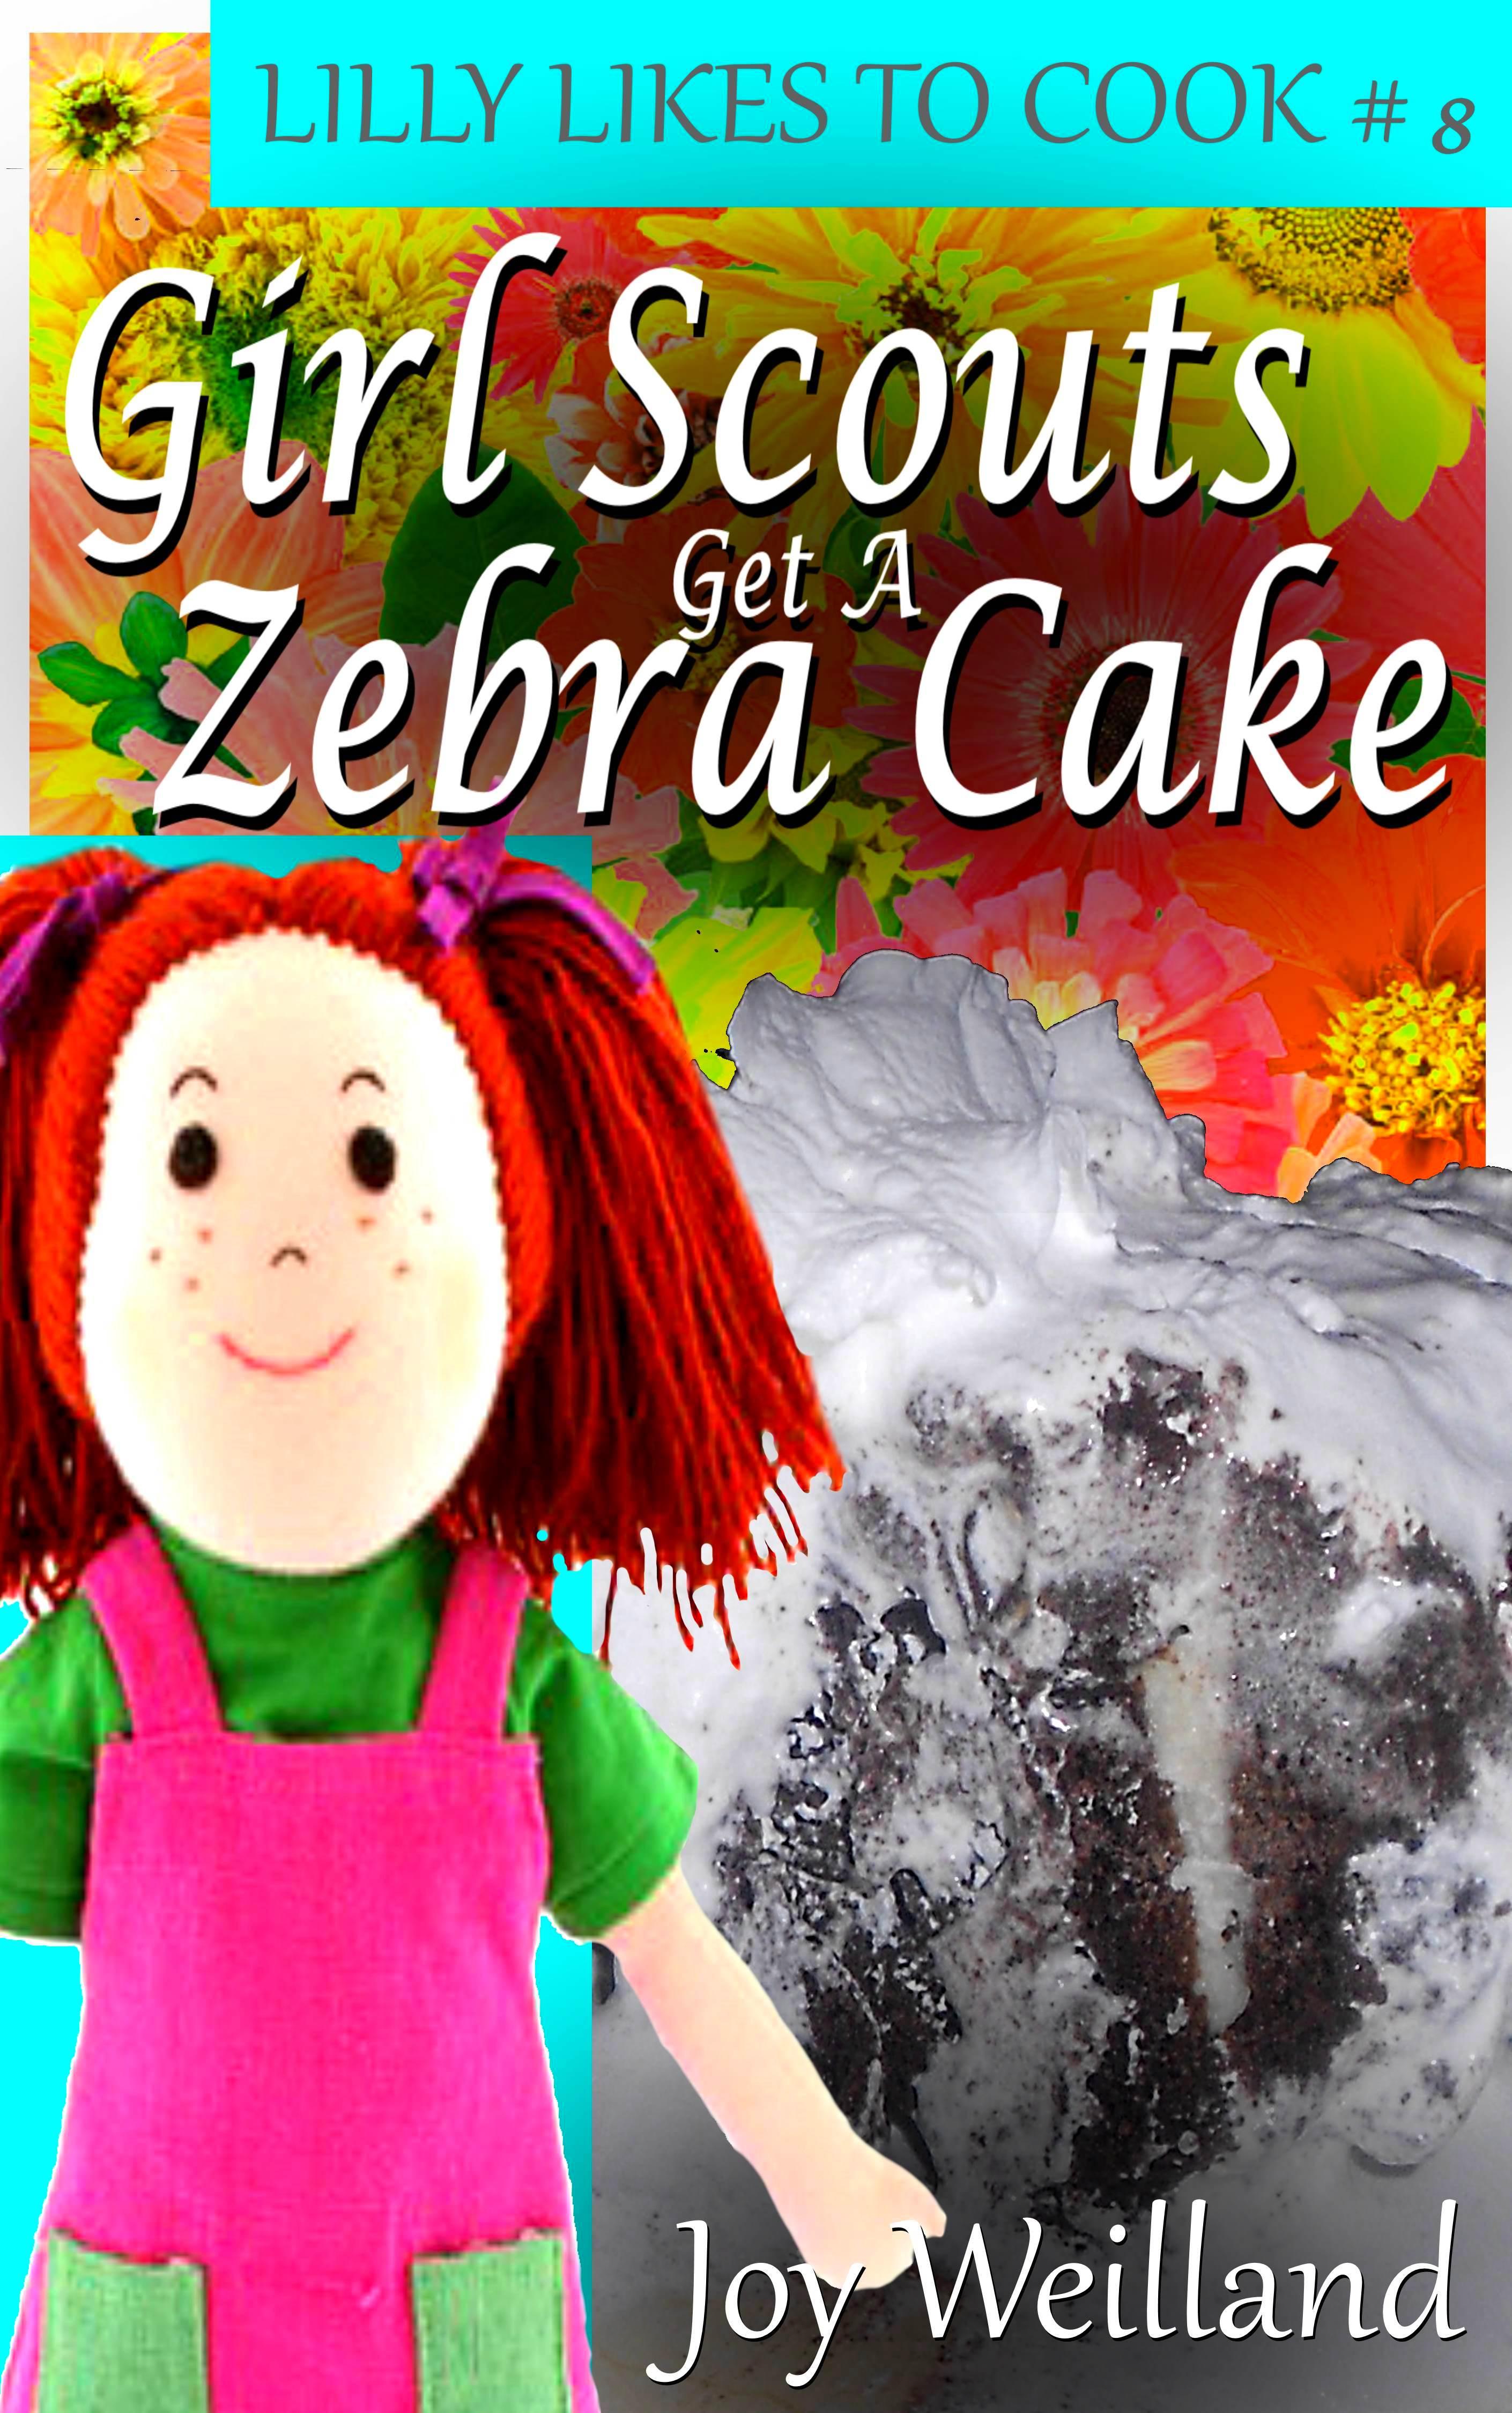 Girl Scouts Get a Zebra Cake